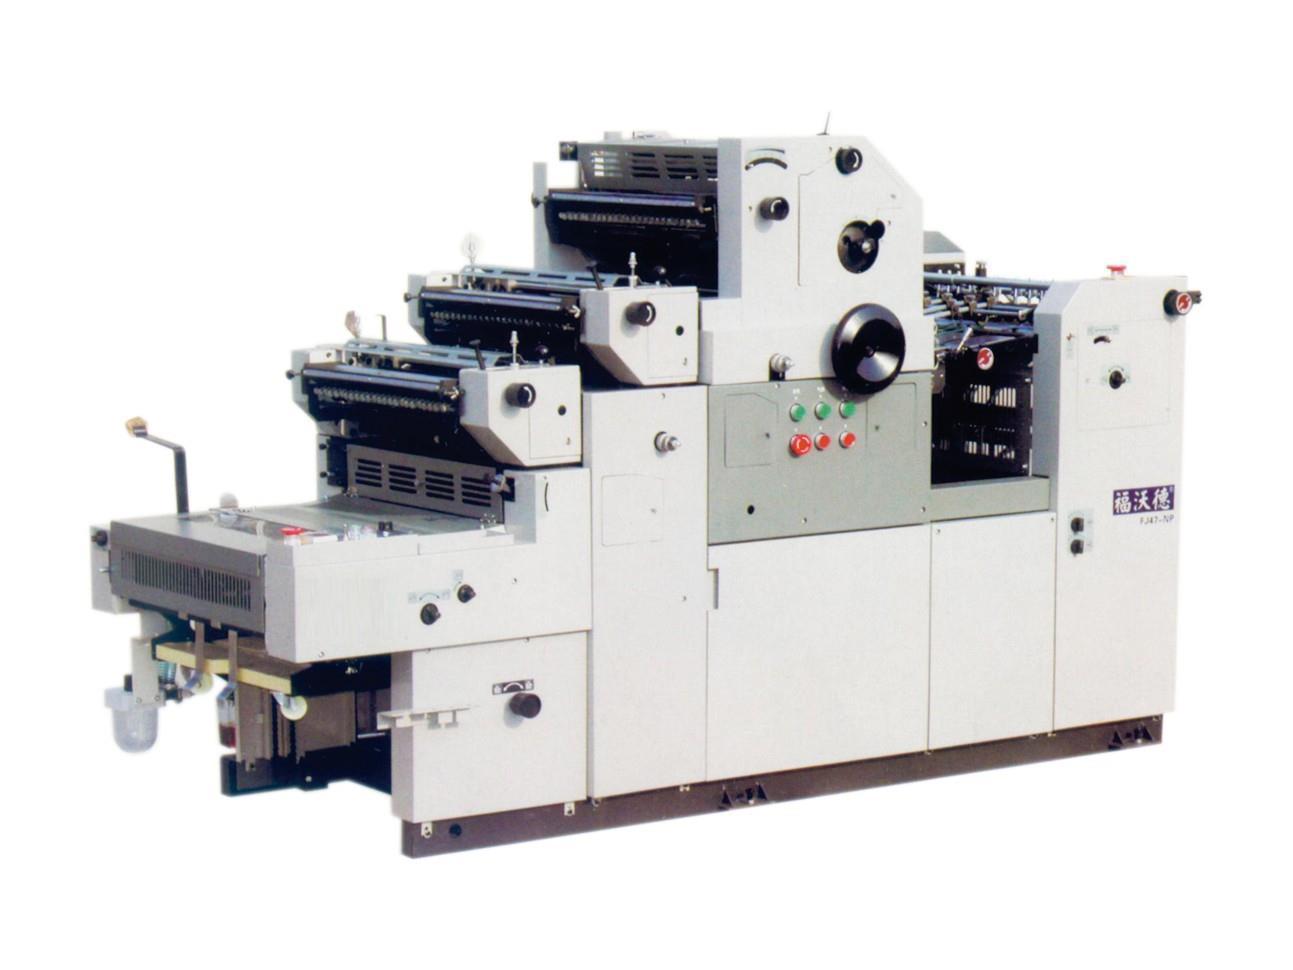 你知dao双色双面胶印机的作用有哪些ma?